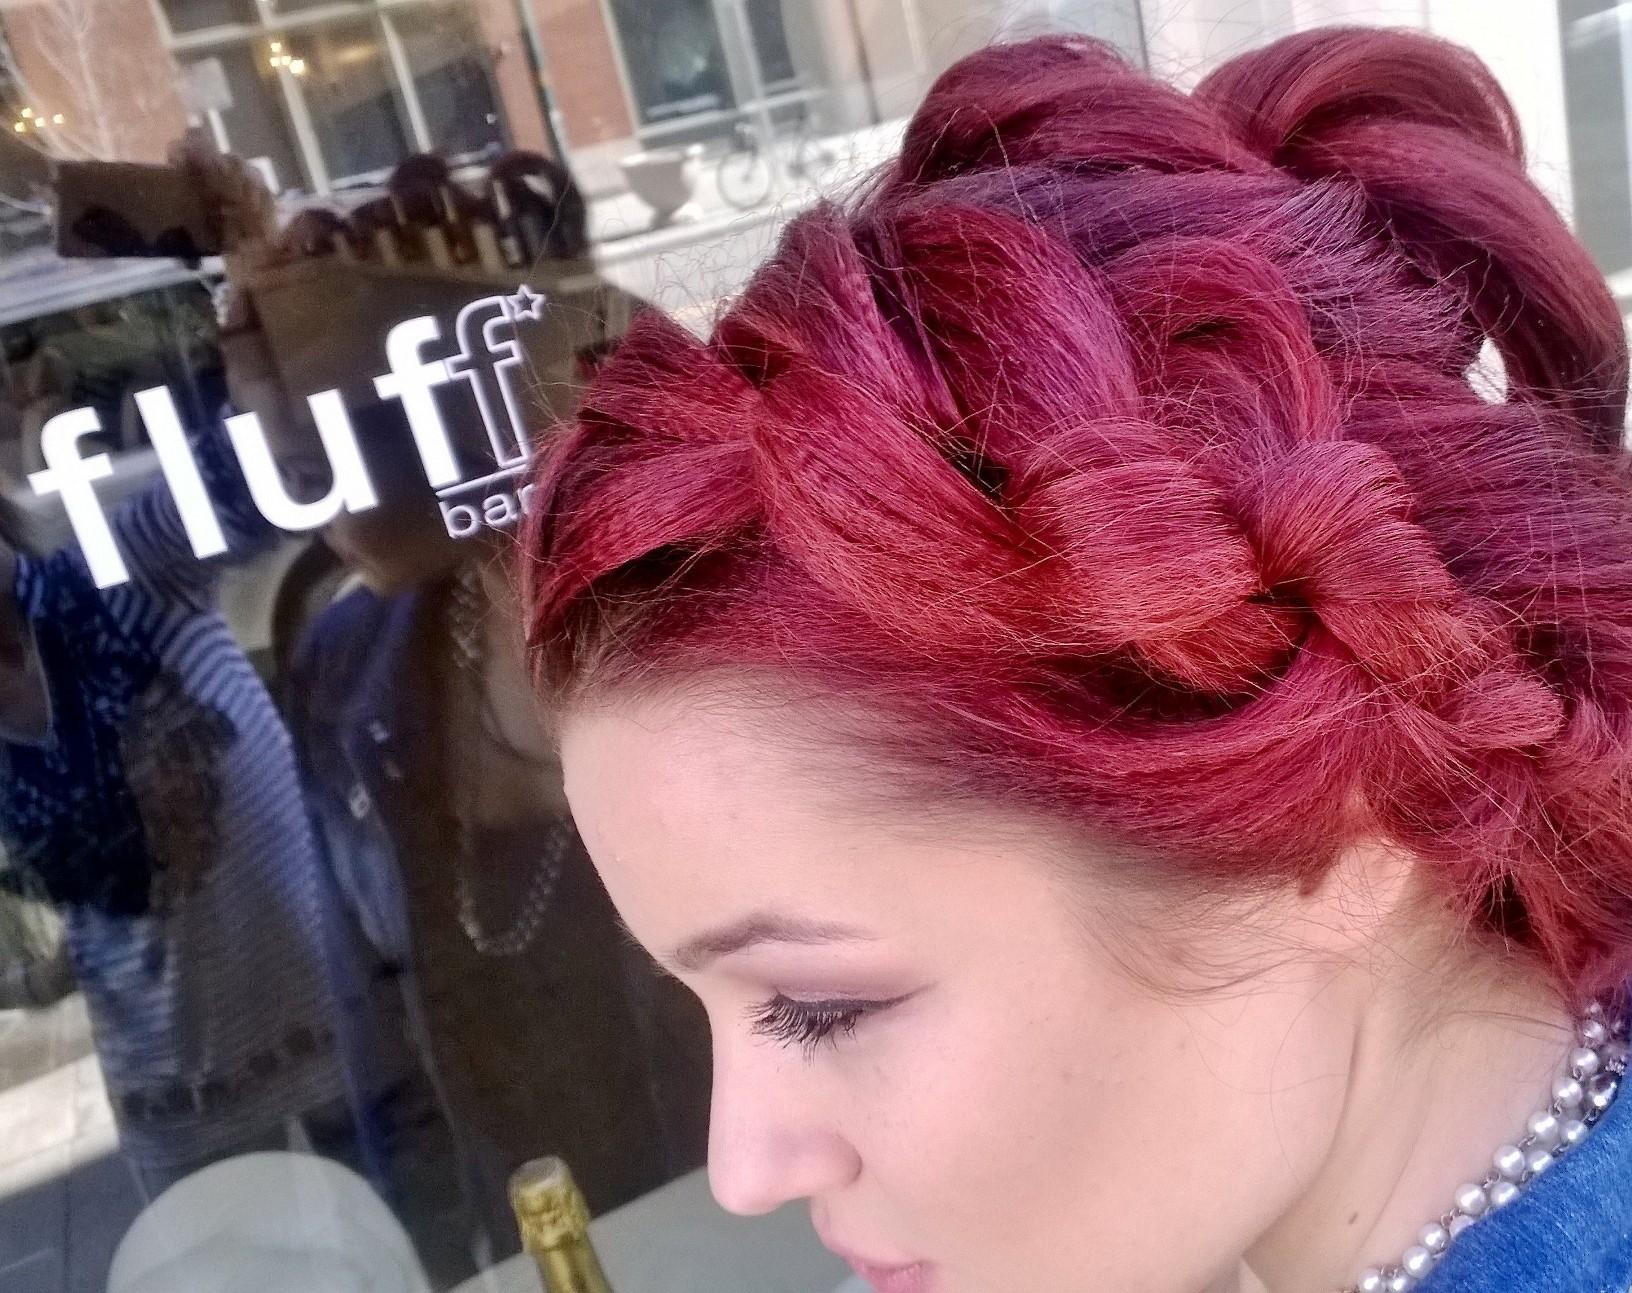 Hair at Fluff Bar- Denver and Colorado's #1 Bridal Beauty Team